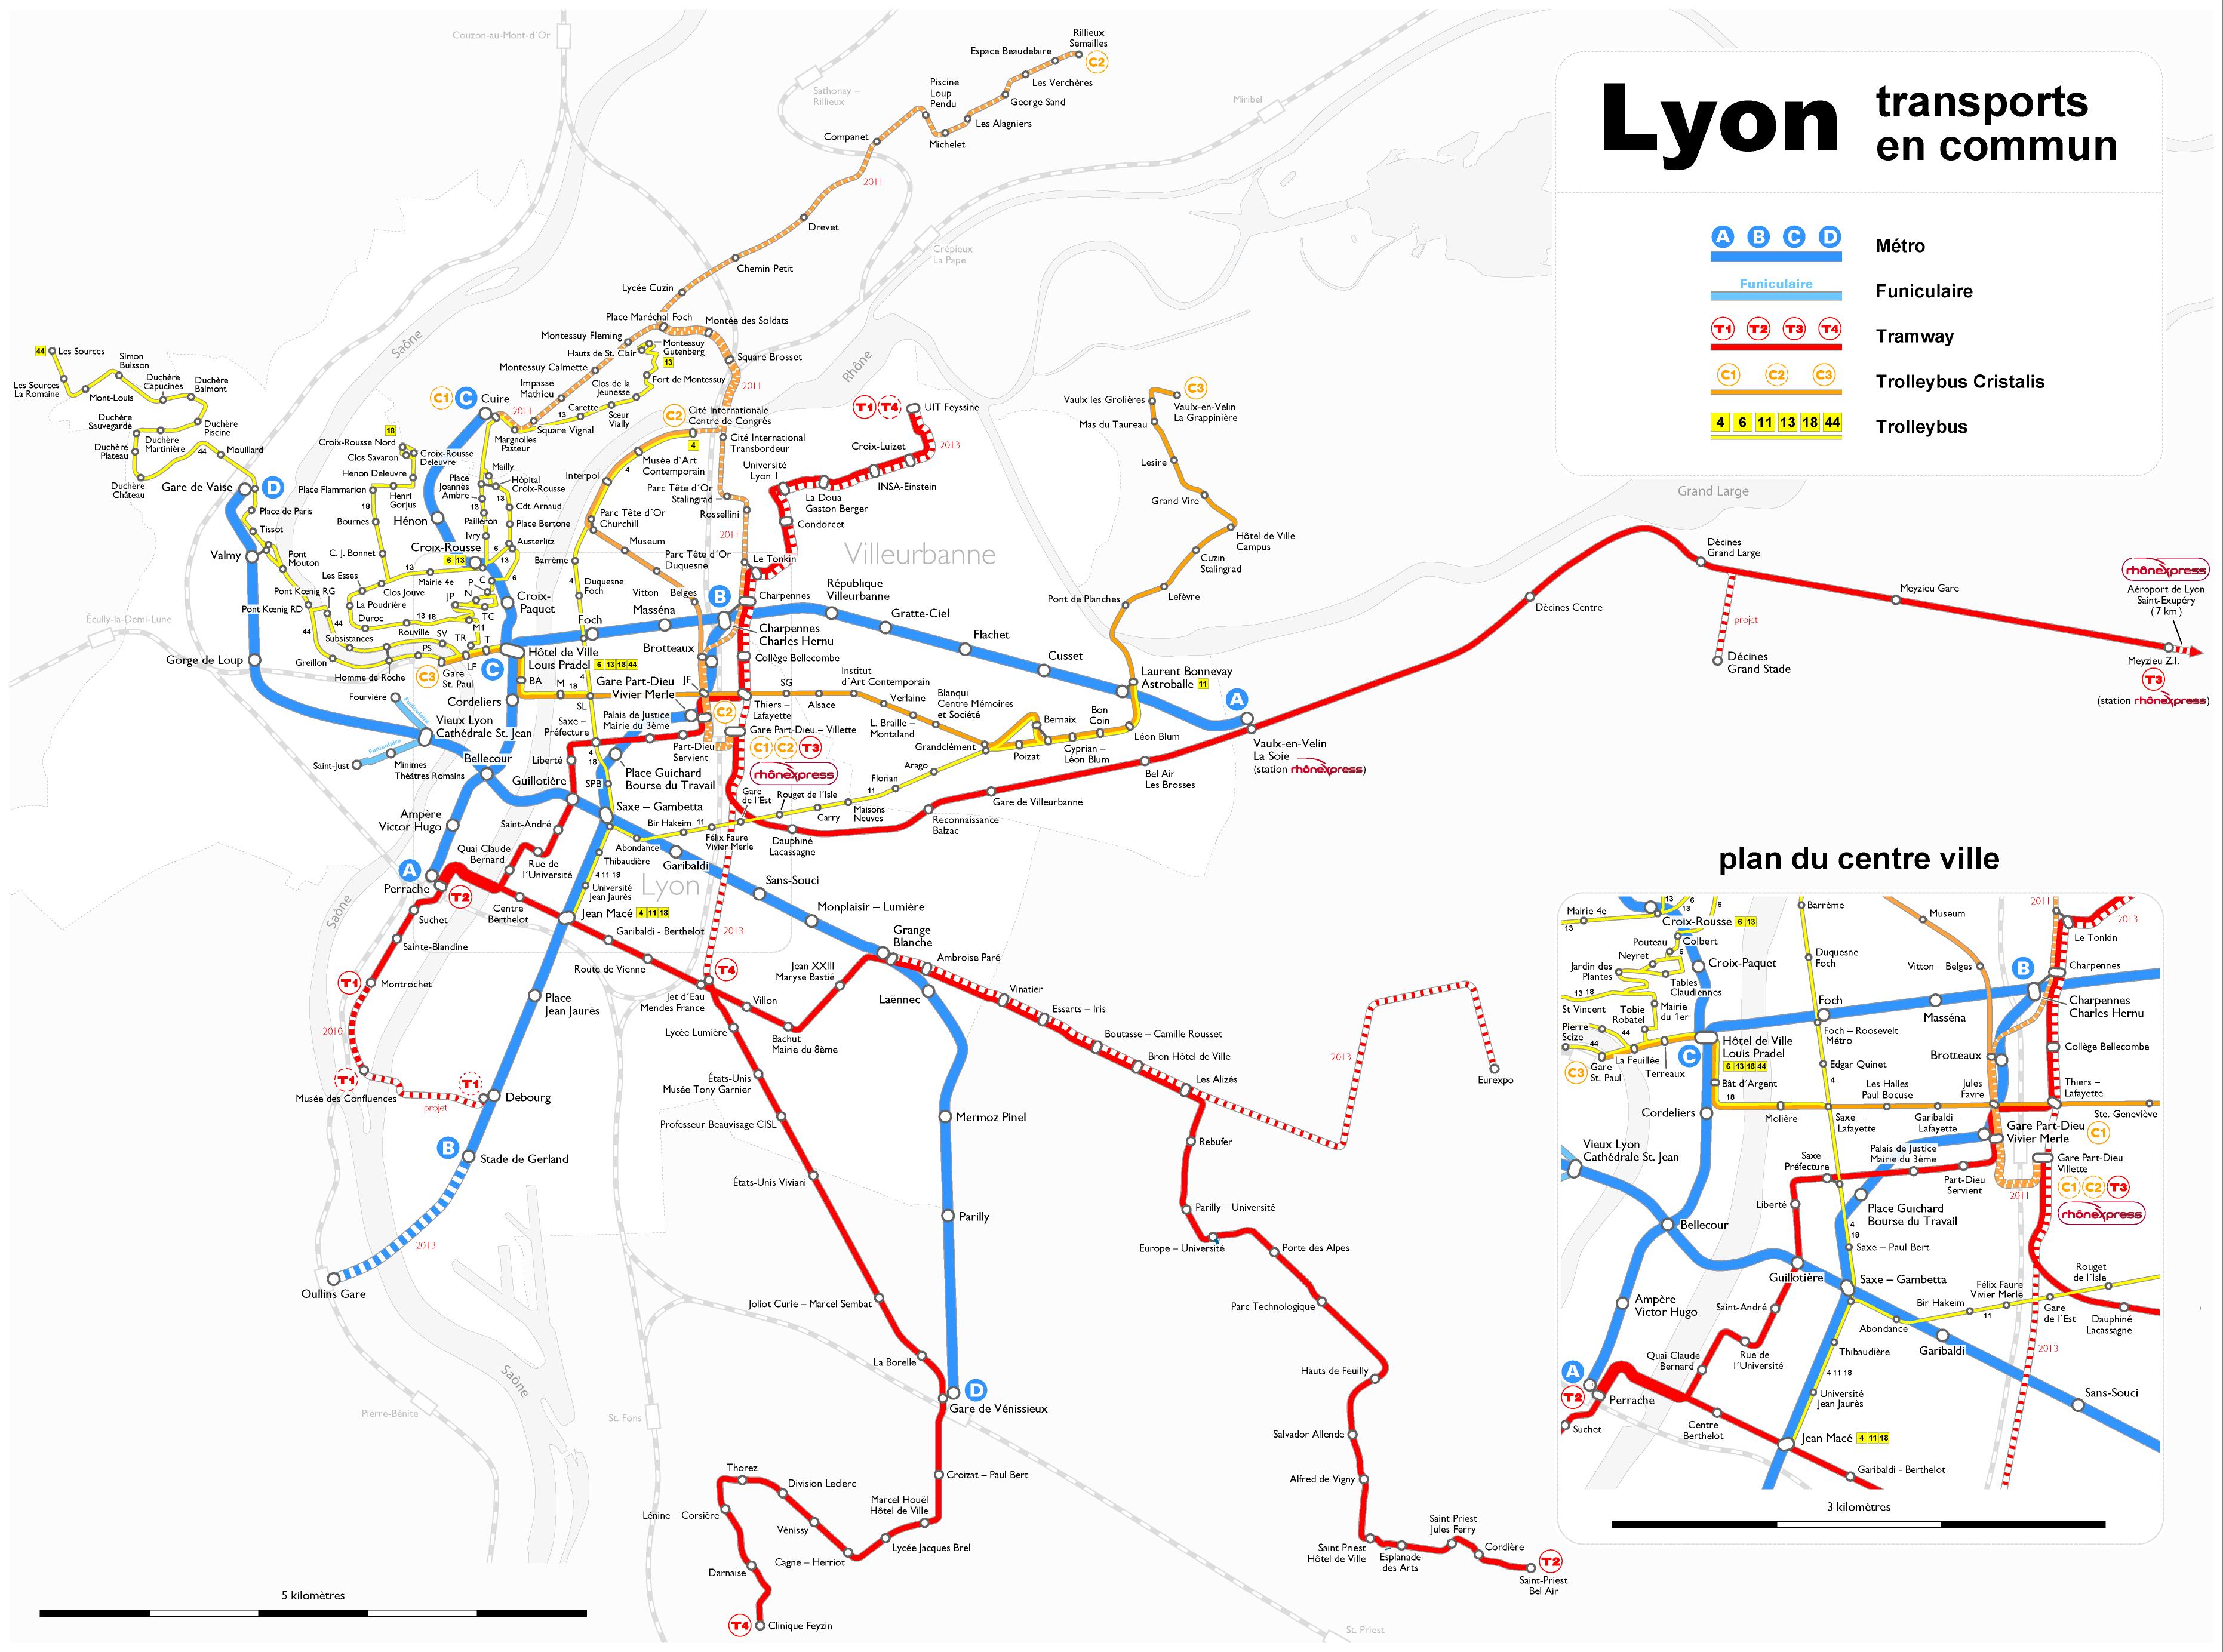 Схема городского транспорта Лиона